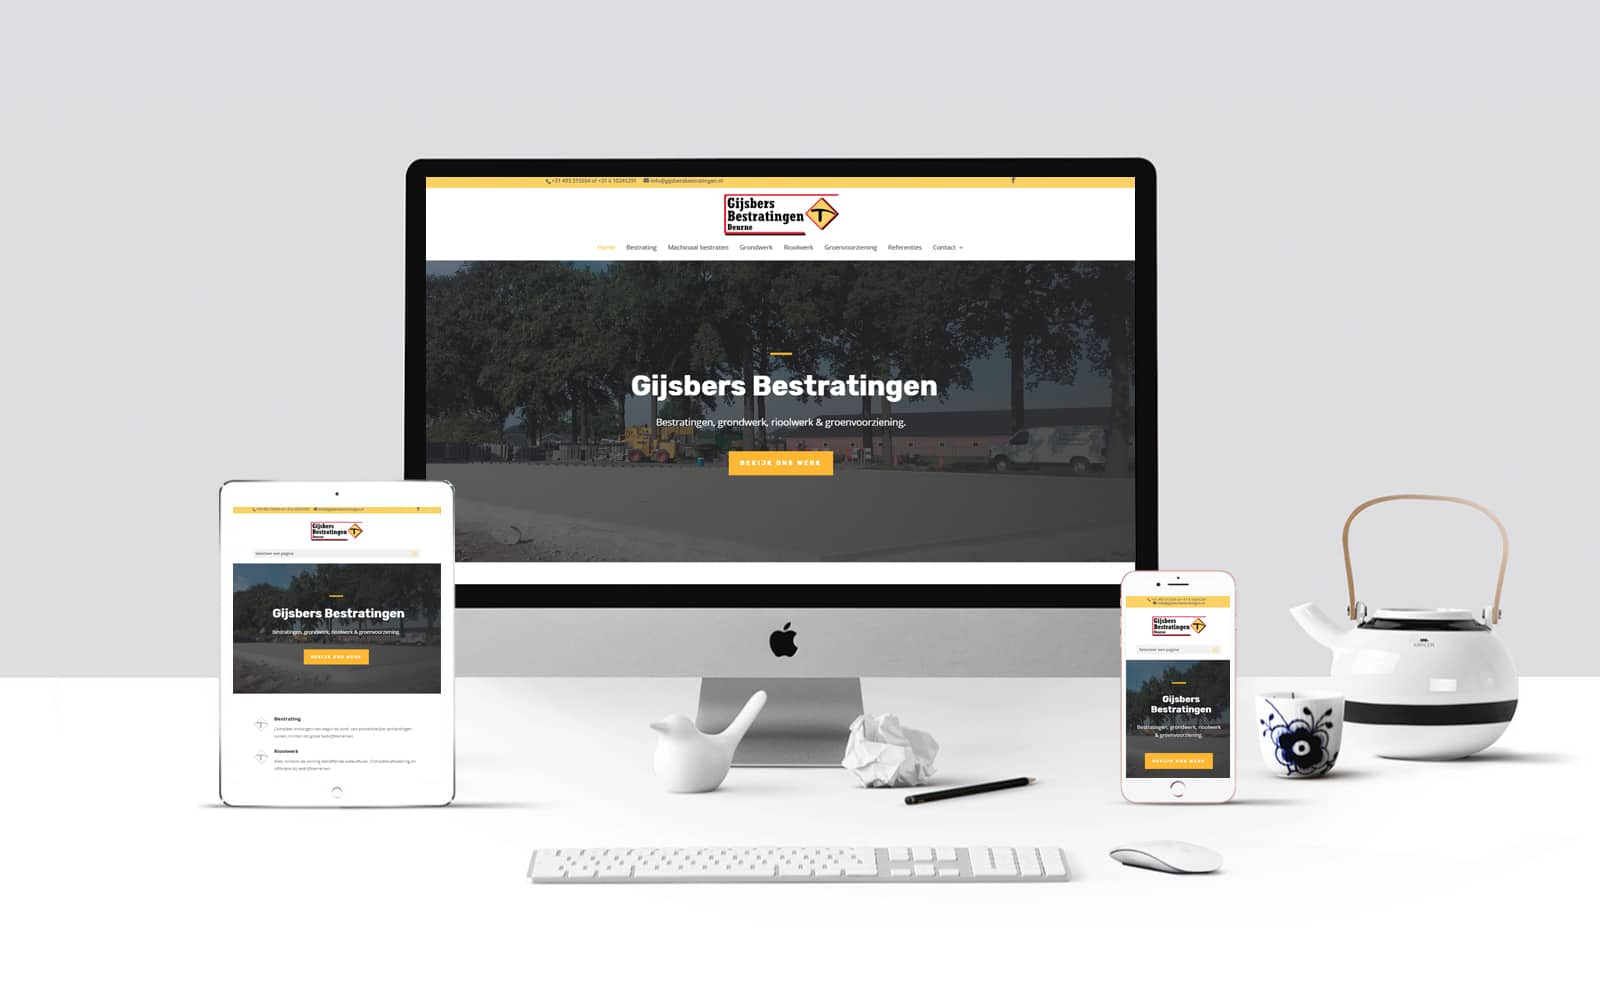 Gijsbers Bestratingen Deurne – augustus 2019